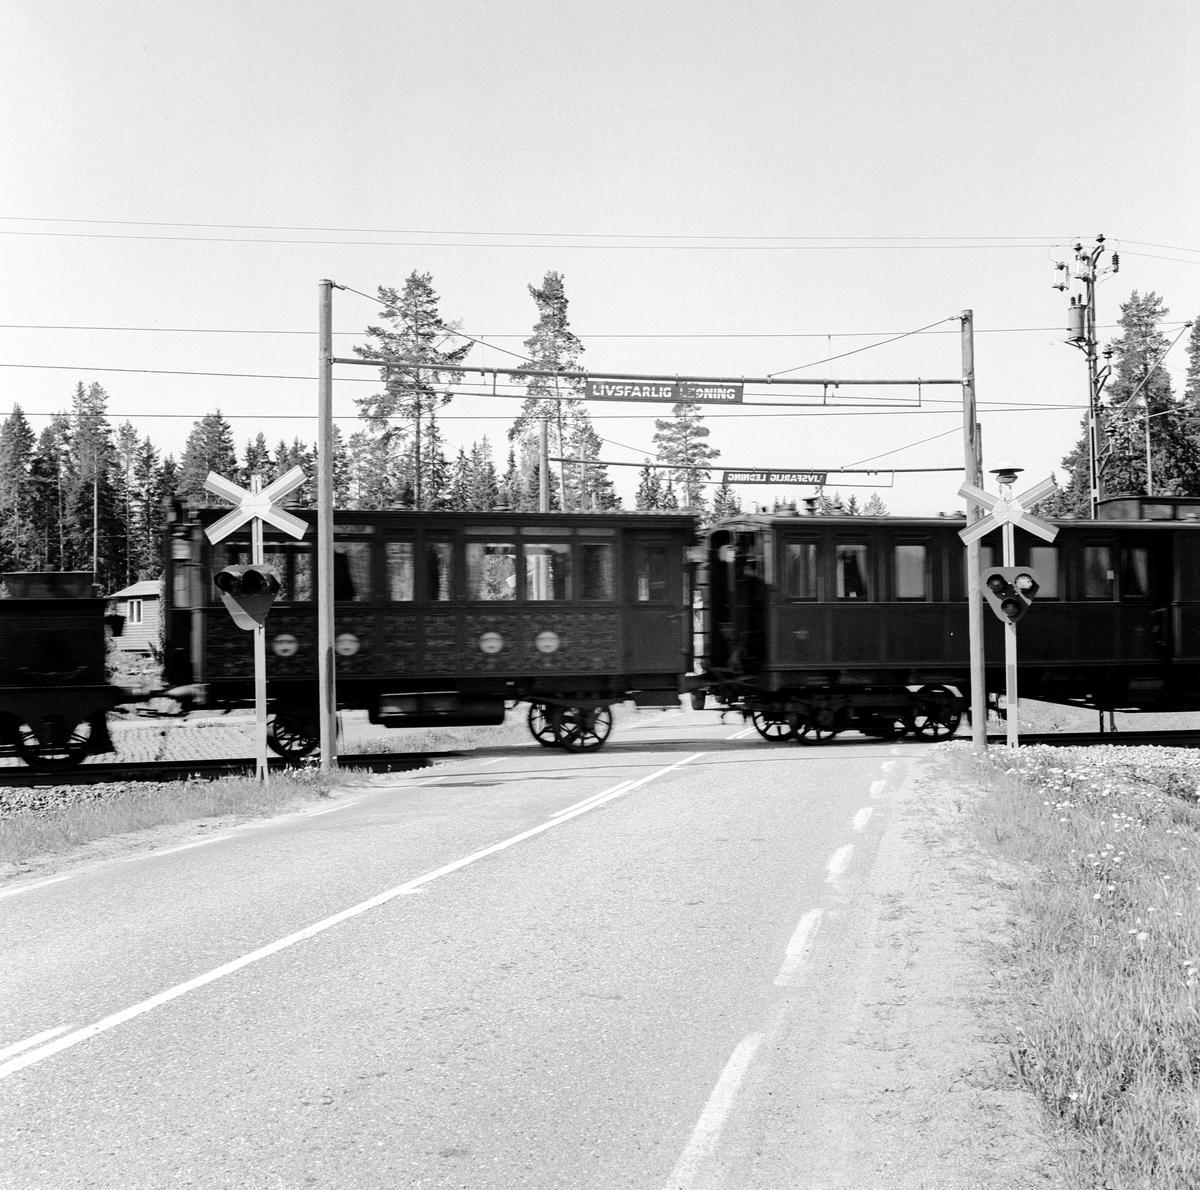 Järnvägsmuseet flyttar från Stockholm till Gävle. SJ 5 Kunglig audiensvagn, SJ 1862 Drottning Sofias salongsvagn mellan Uppsala och Gävle